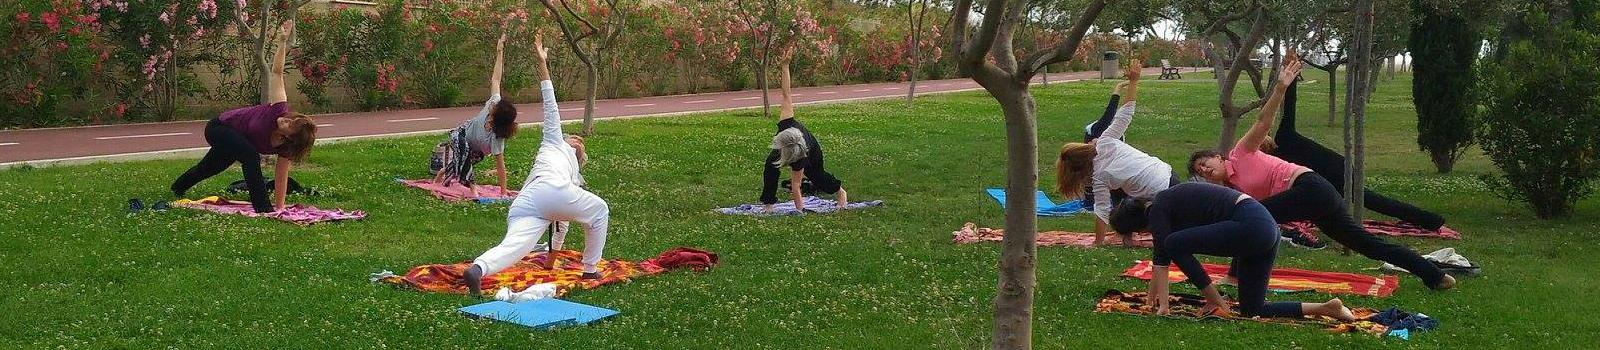 Foto di una nostra lezione di Yoga all'aperto nel quartiere mezzocammino